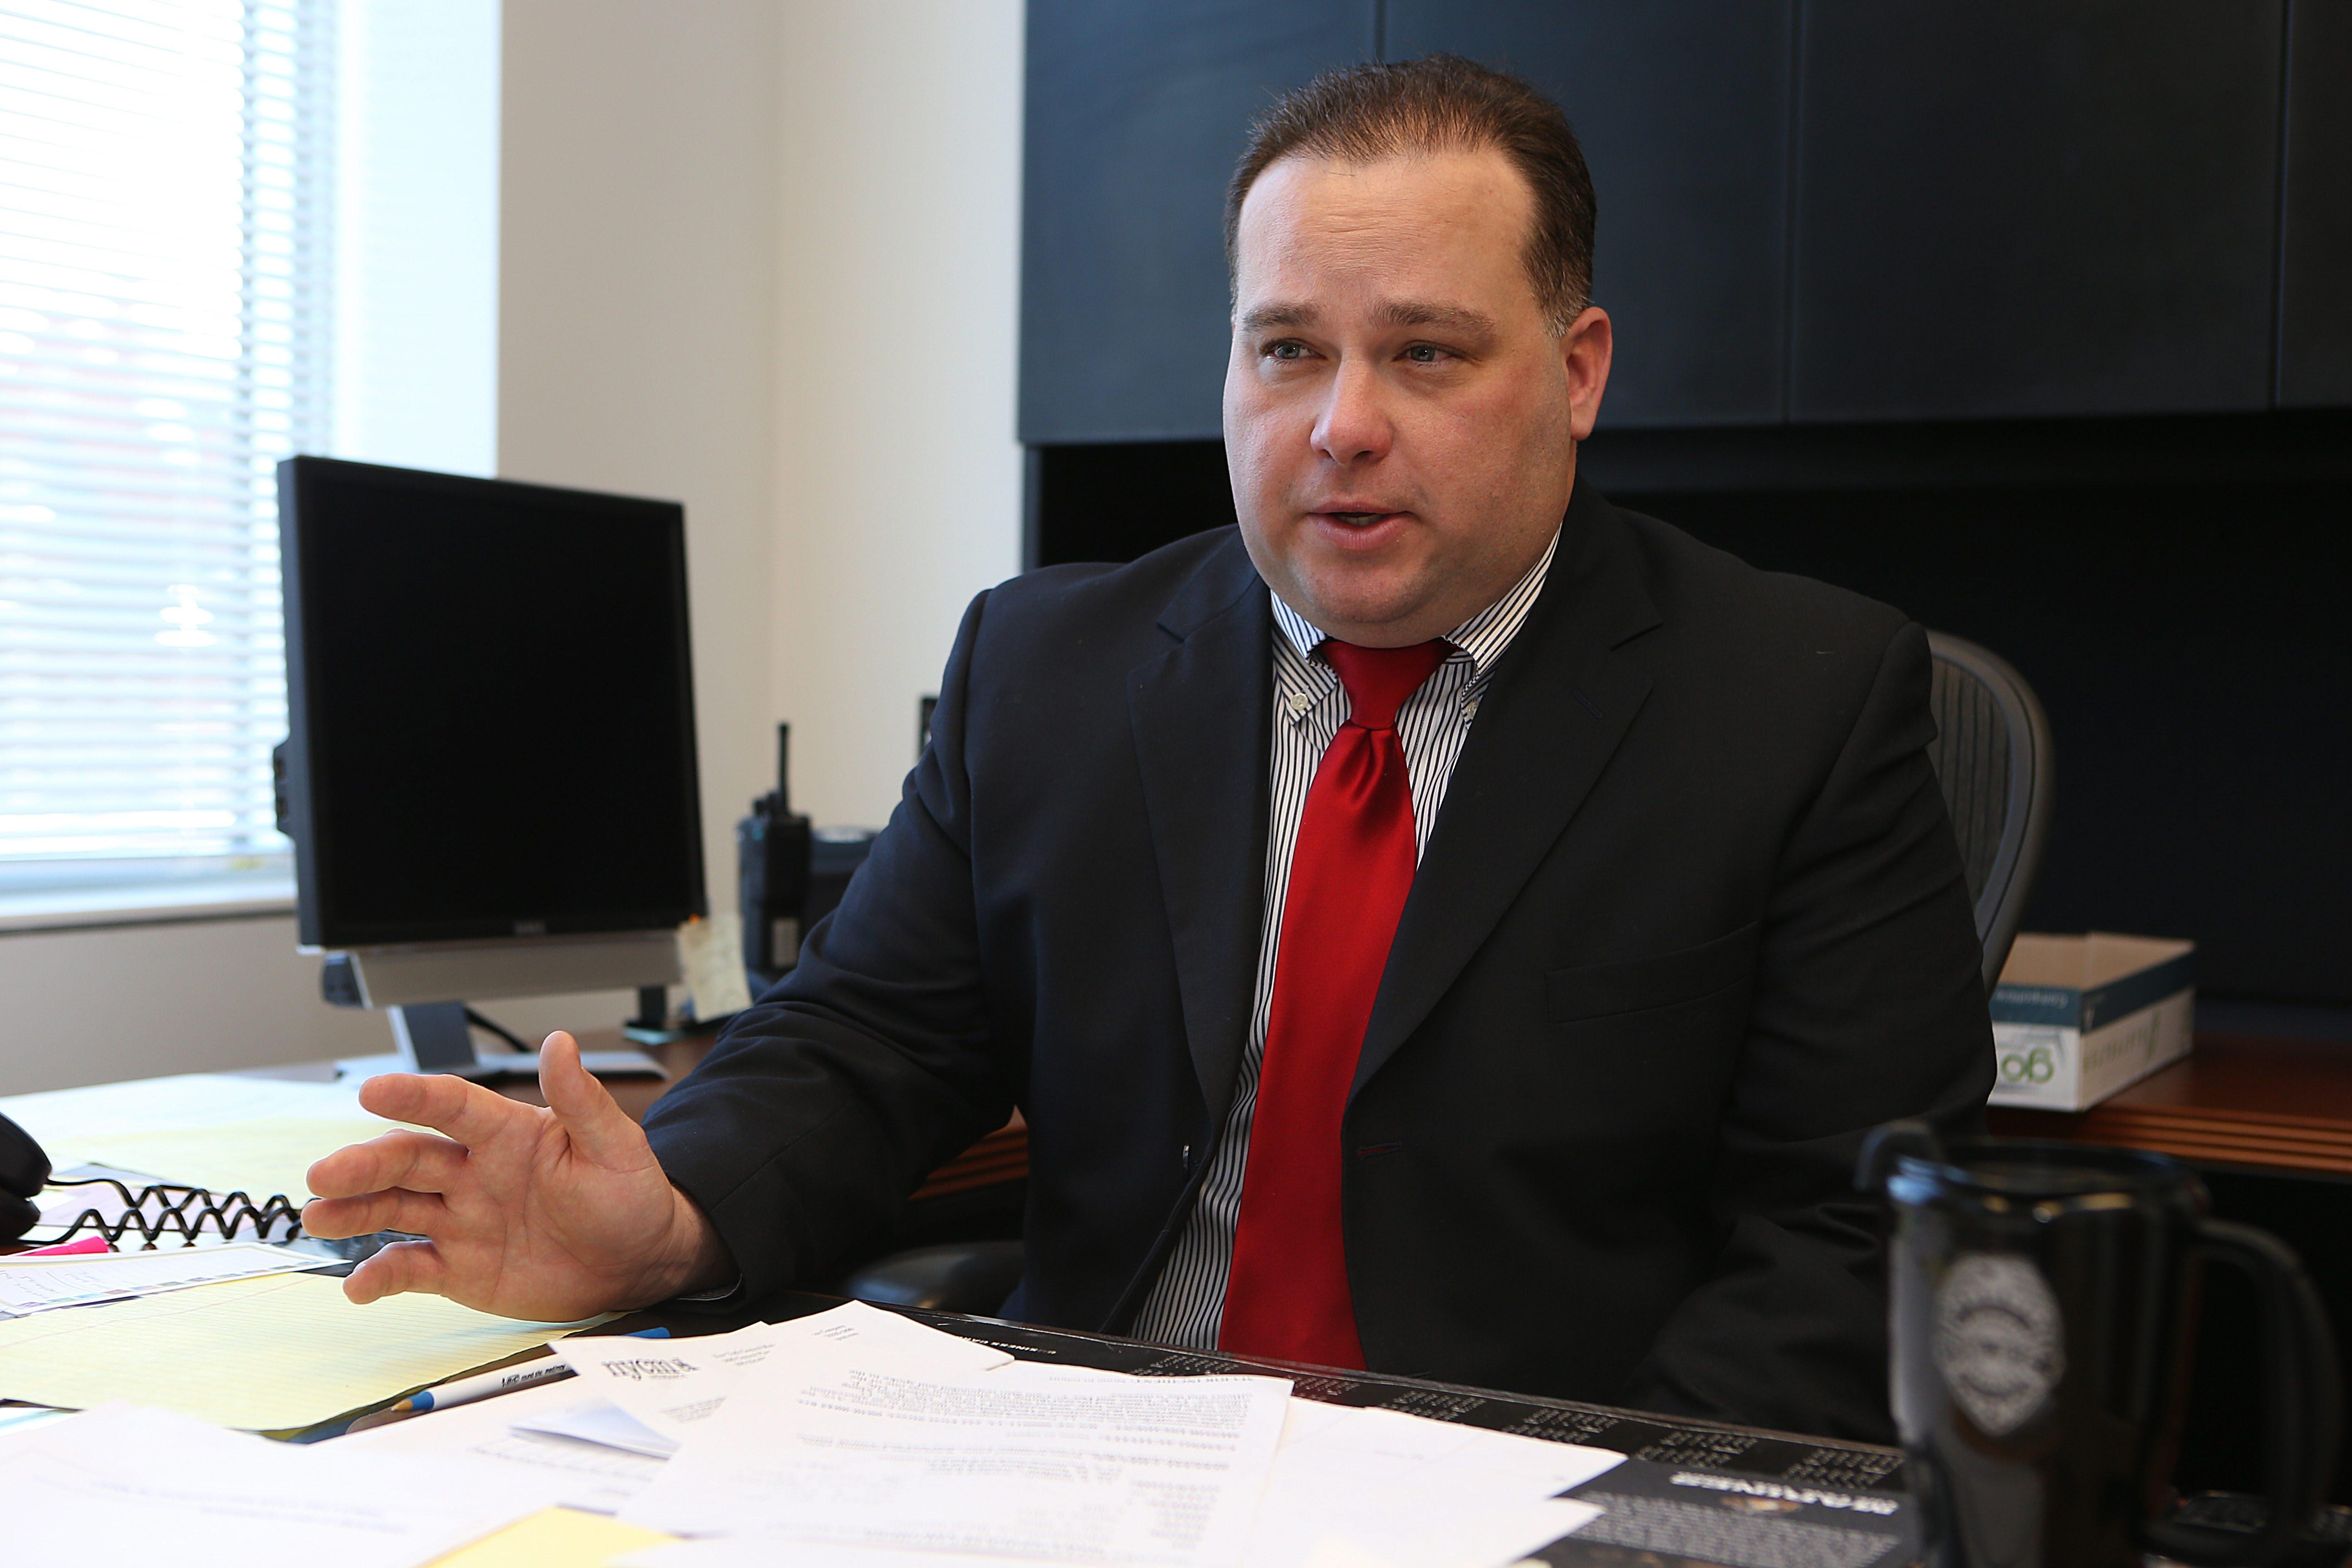 Falls Police Superintendent E. Bryan DalPorto gets set for '14